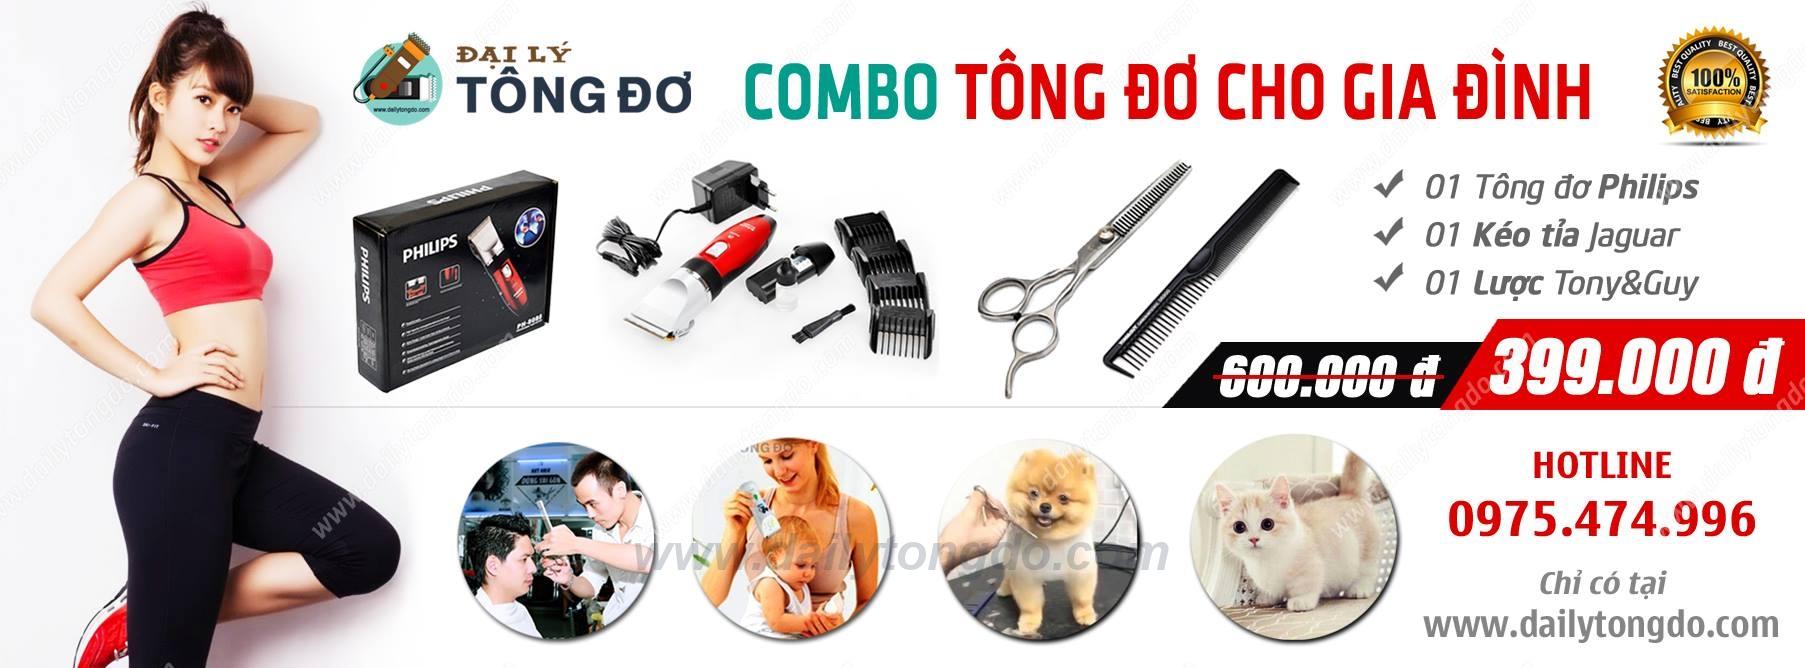 Khuyến mại tông đơ cắt tóc nhân dịp quốc khánh 02/09/2018 5 - bo tong do cat toc